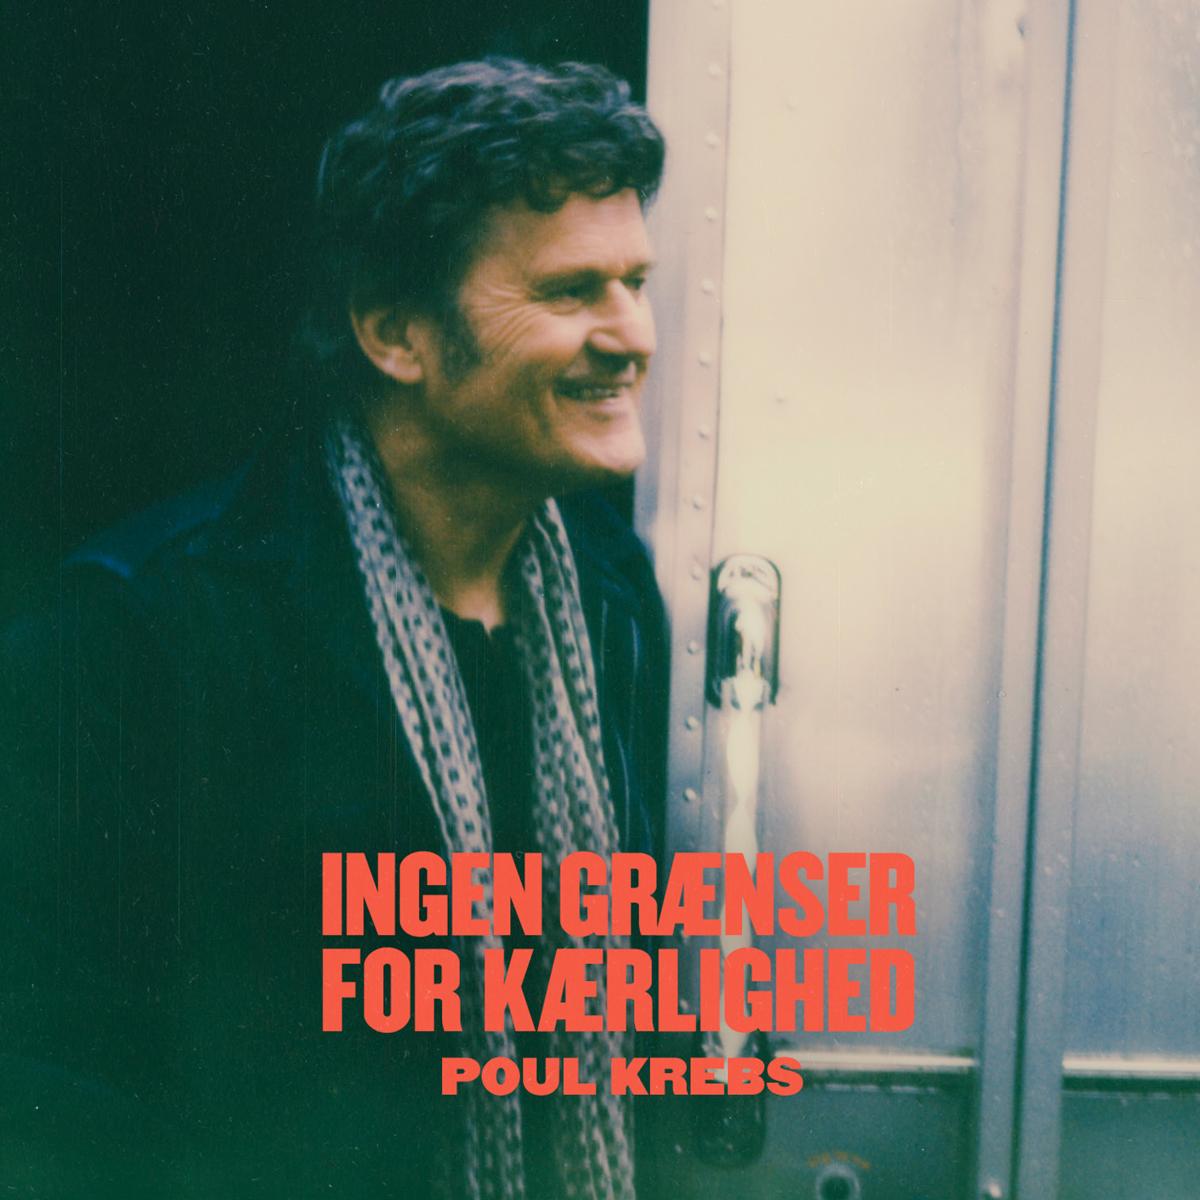 Ingen Grænser For Kærlighed - Poul Krebs - Musik -  - 0602508741470 - 28/2-2020